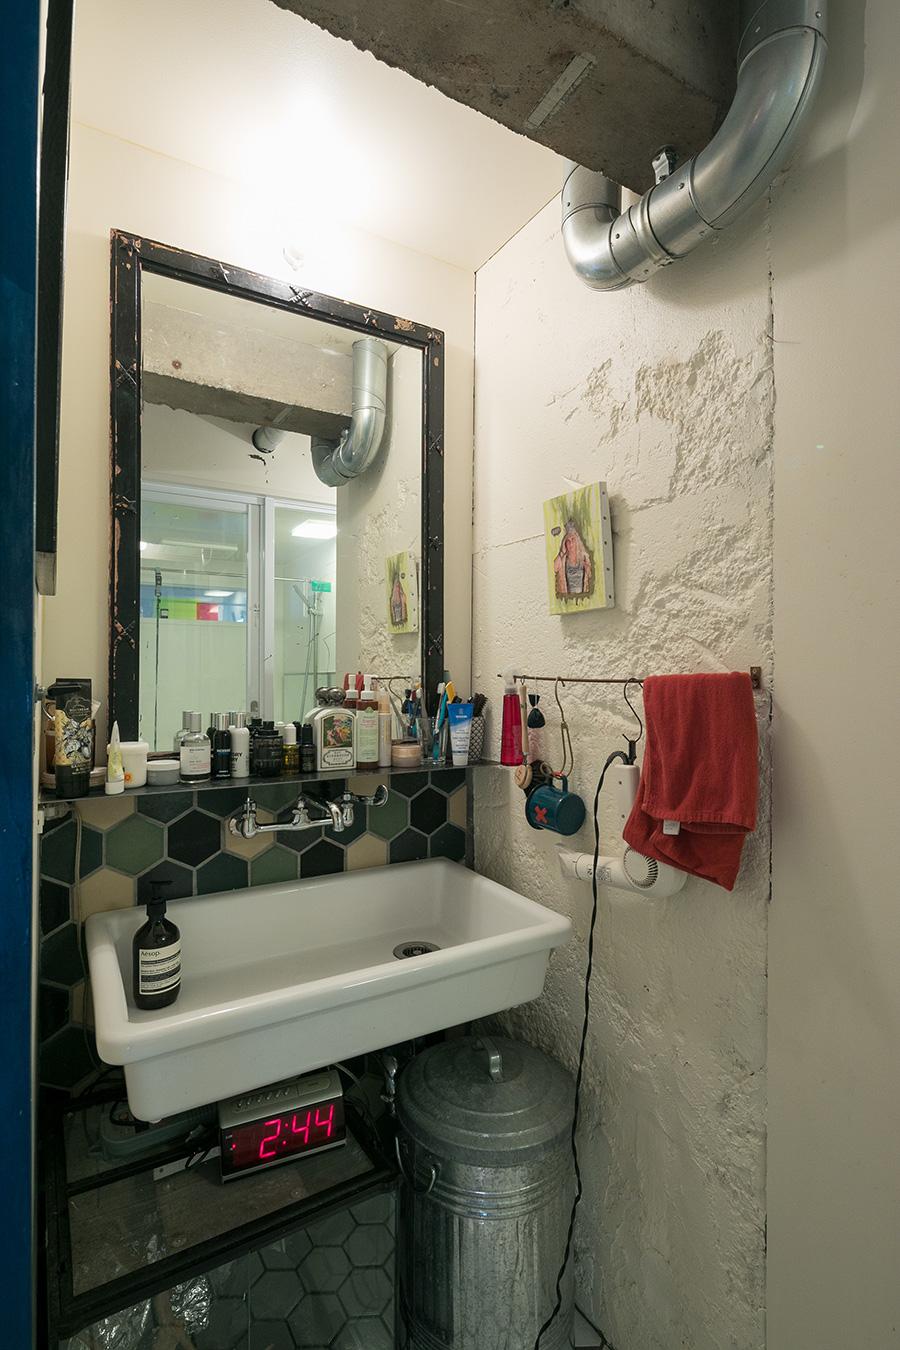 「タイルはタイル屋さんに同行させてもらって選びました。鏡は散歩中に見つけたヴィンテージです」